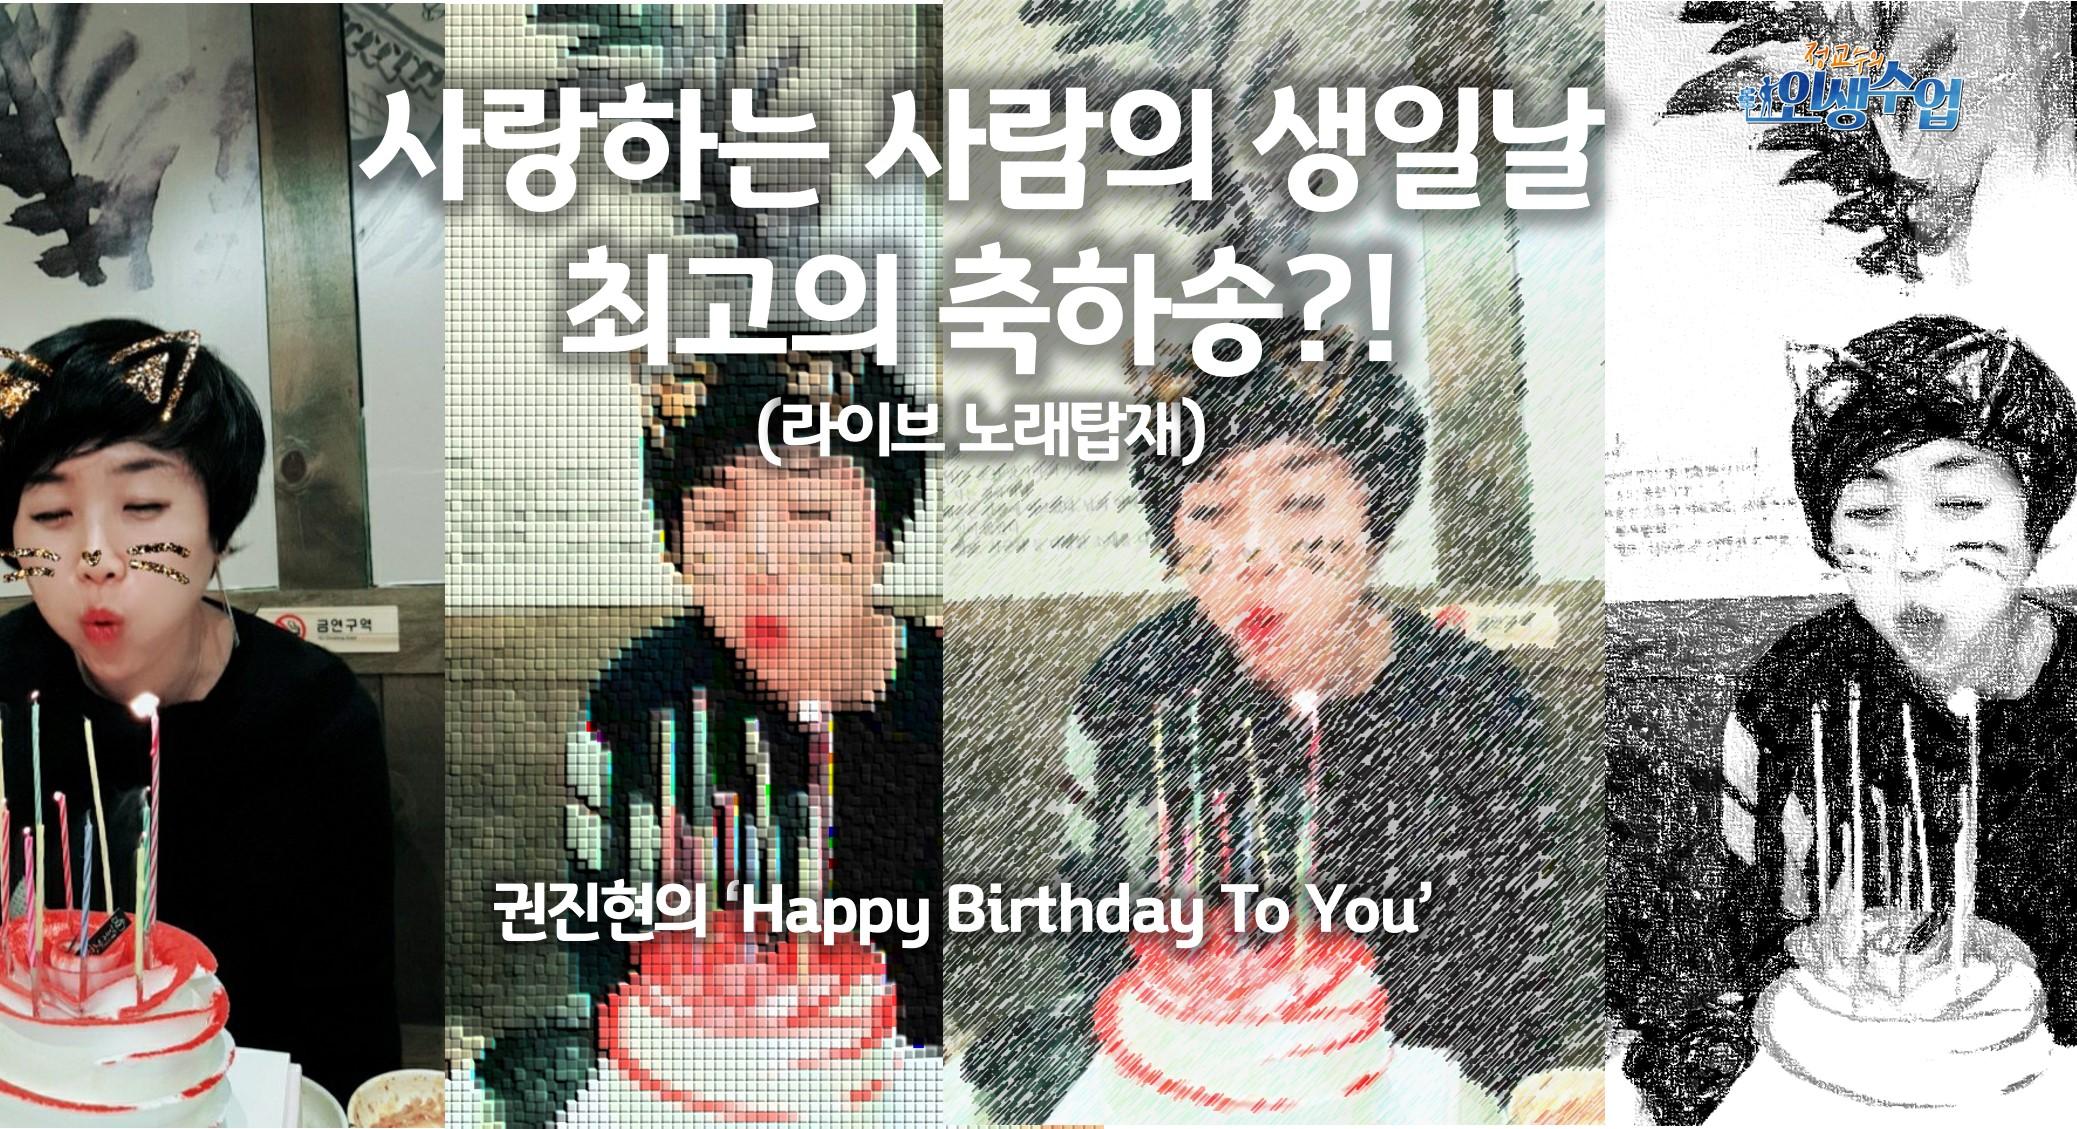 사랑하는 사람의 생일날 최고의 축하송 권진현의 'Happy Birthday To You'